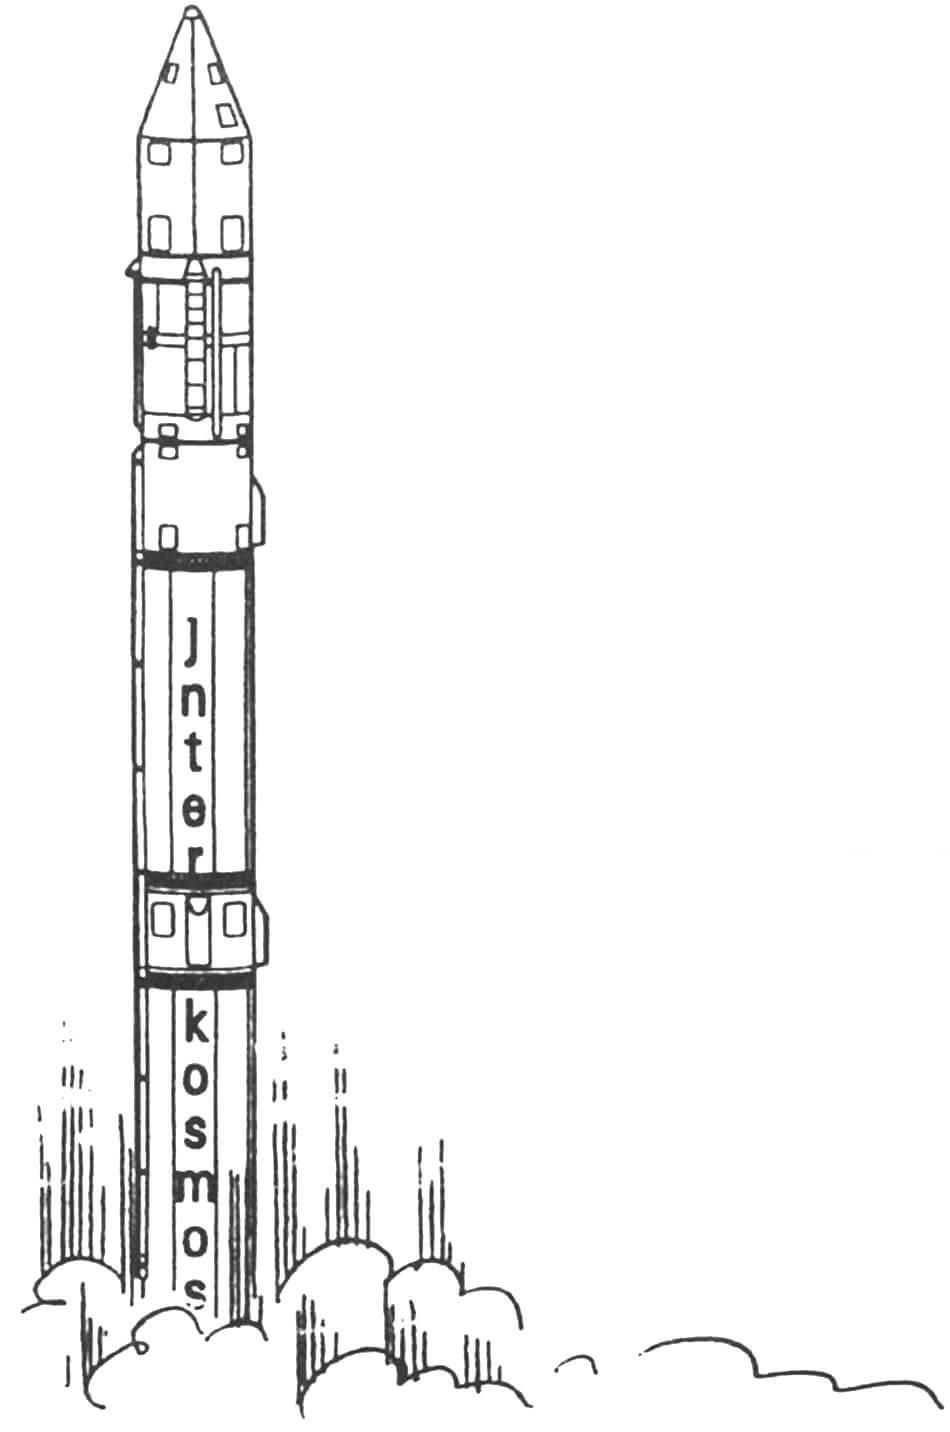 «РАБОЧАЯ ЛОШАДКА» КОСМОДРОМОВ (Ракета-носитель «Космос-ЗМ»)